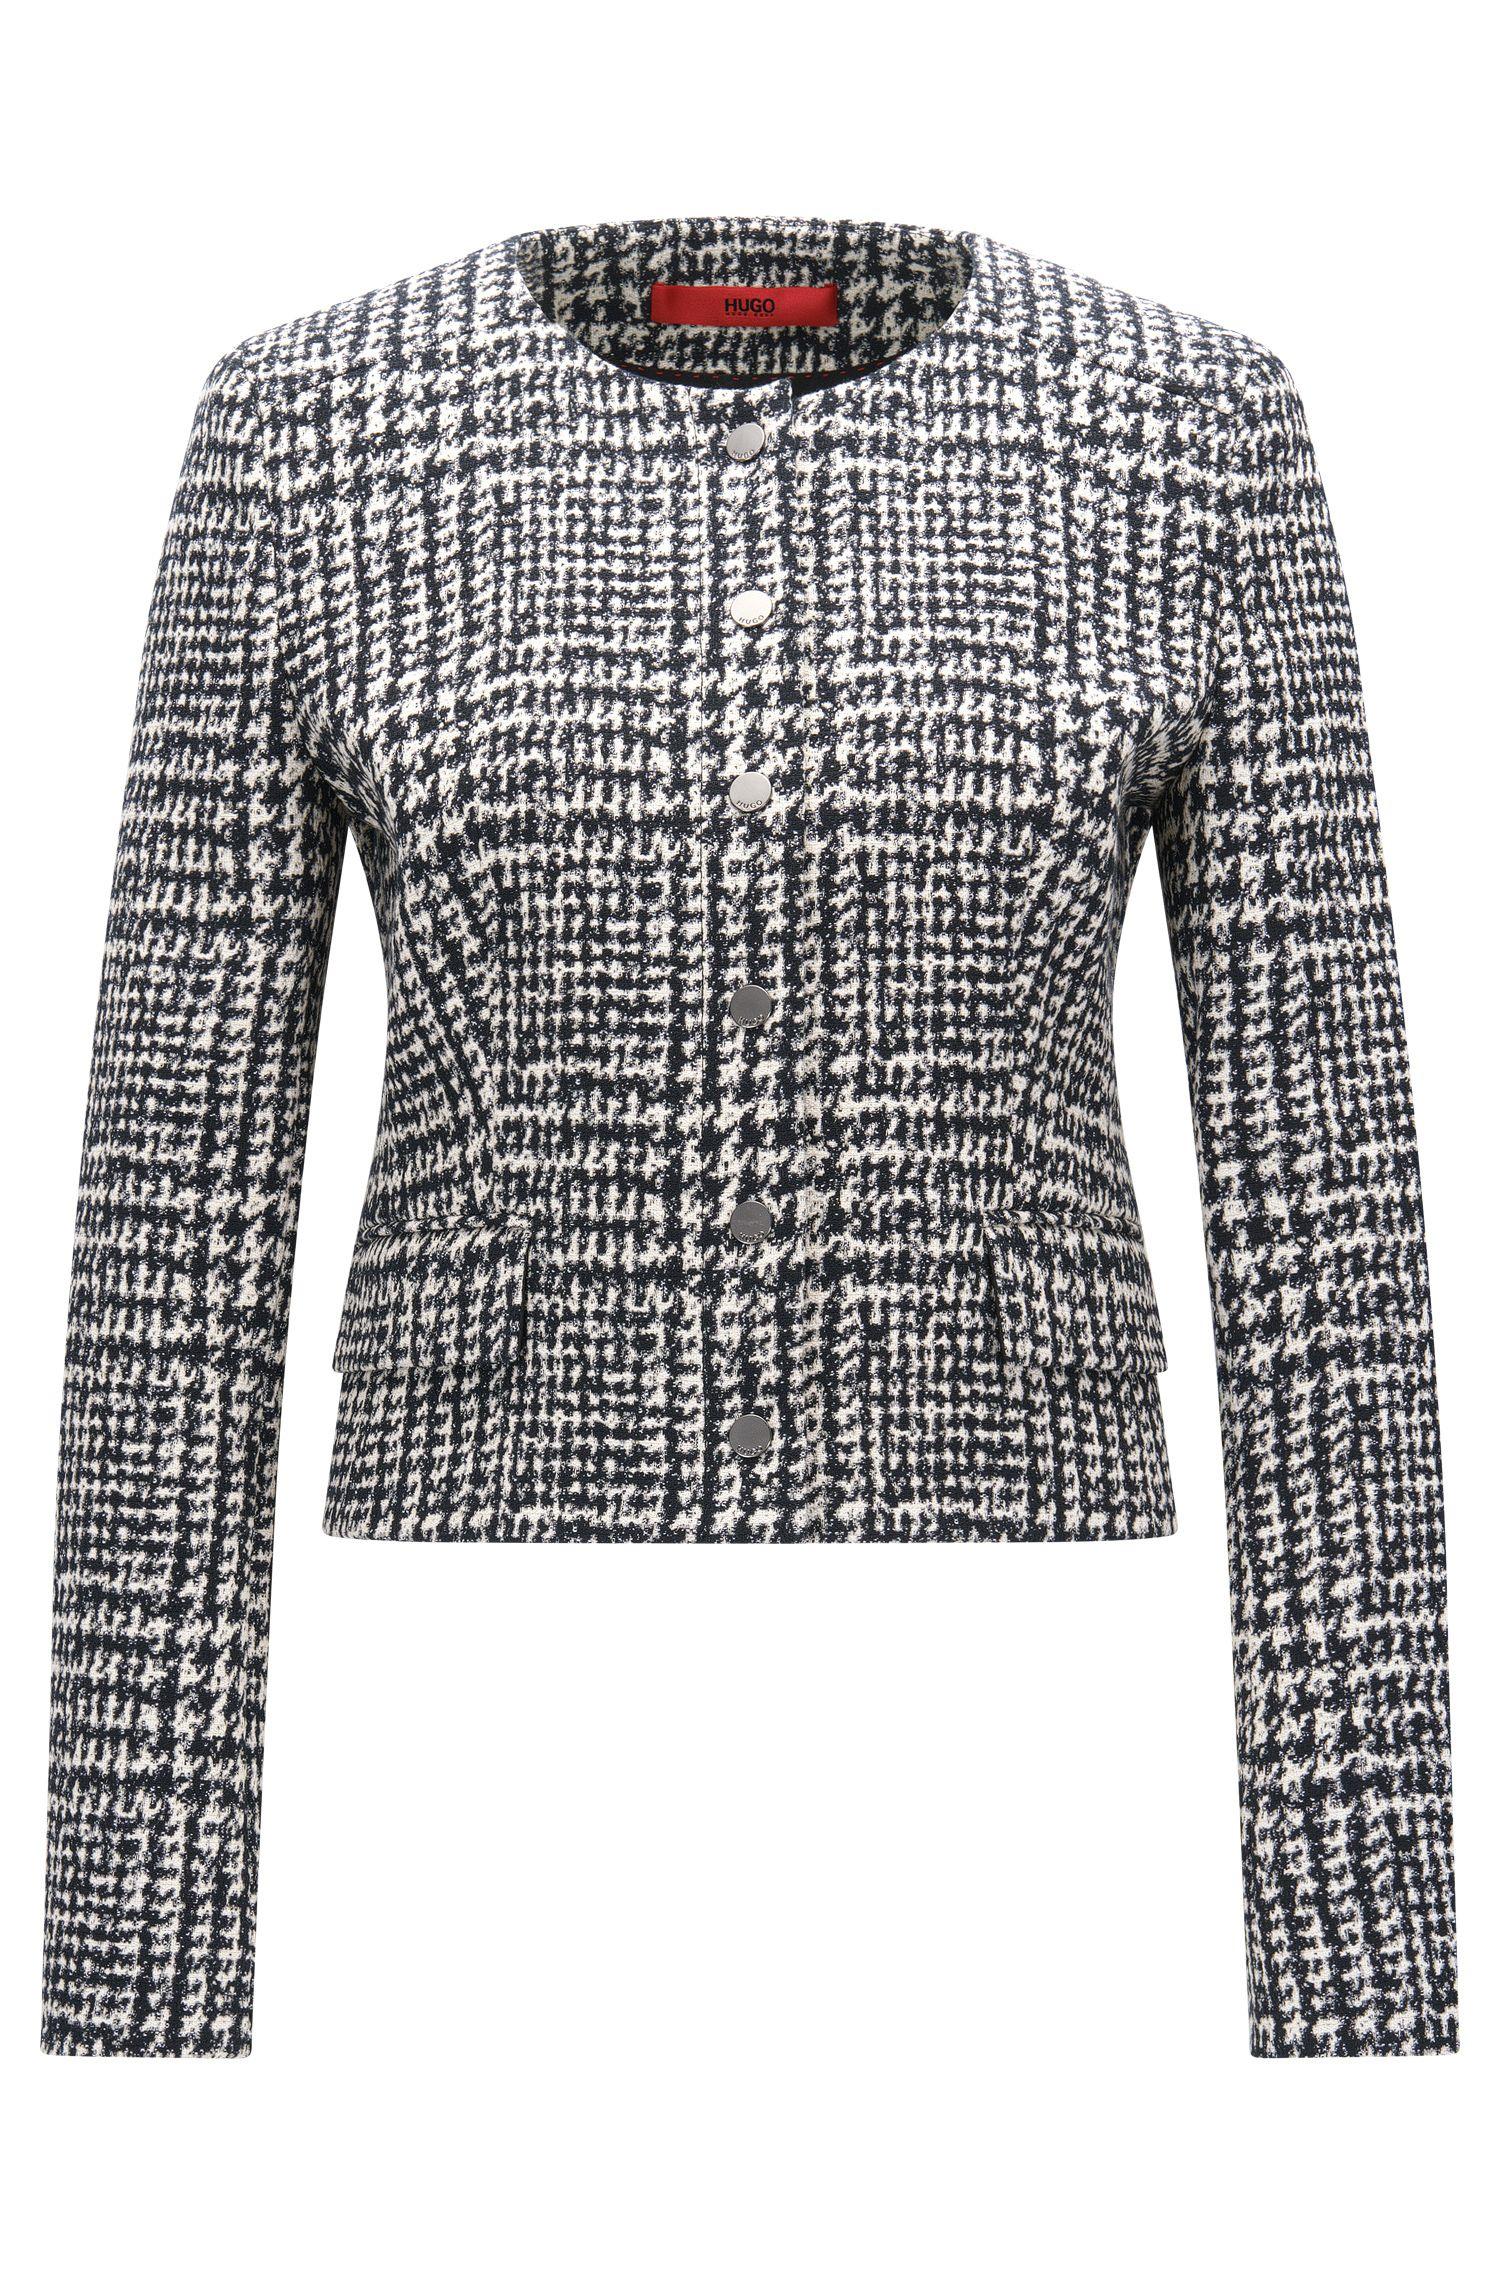 Stretch Bouclé Jacket | Ashani, Patterned